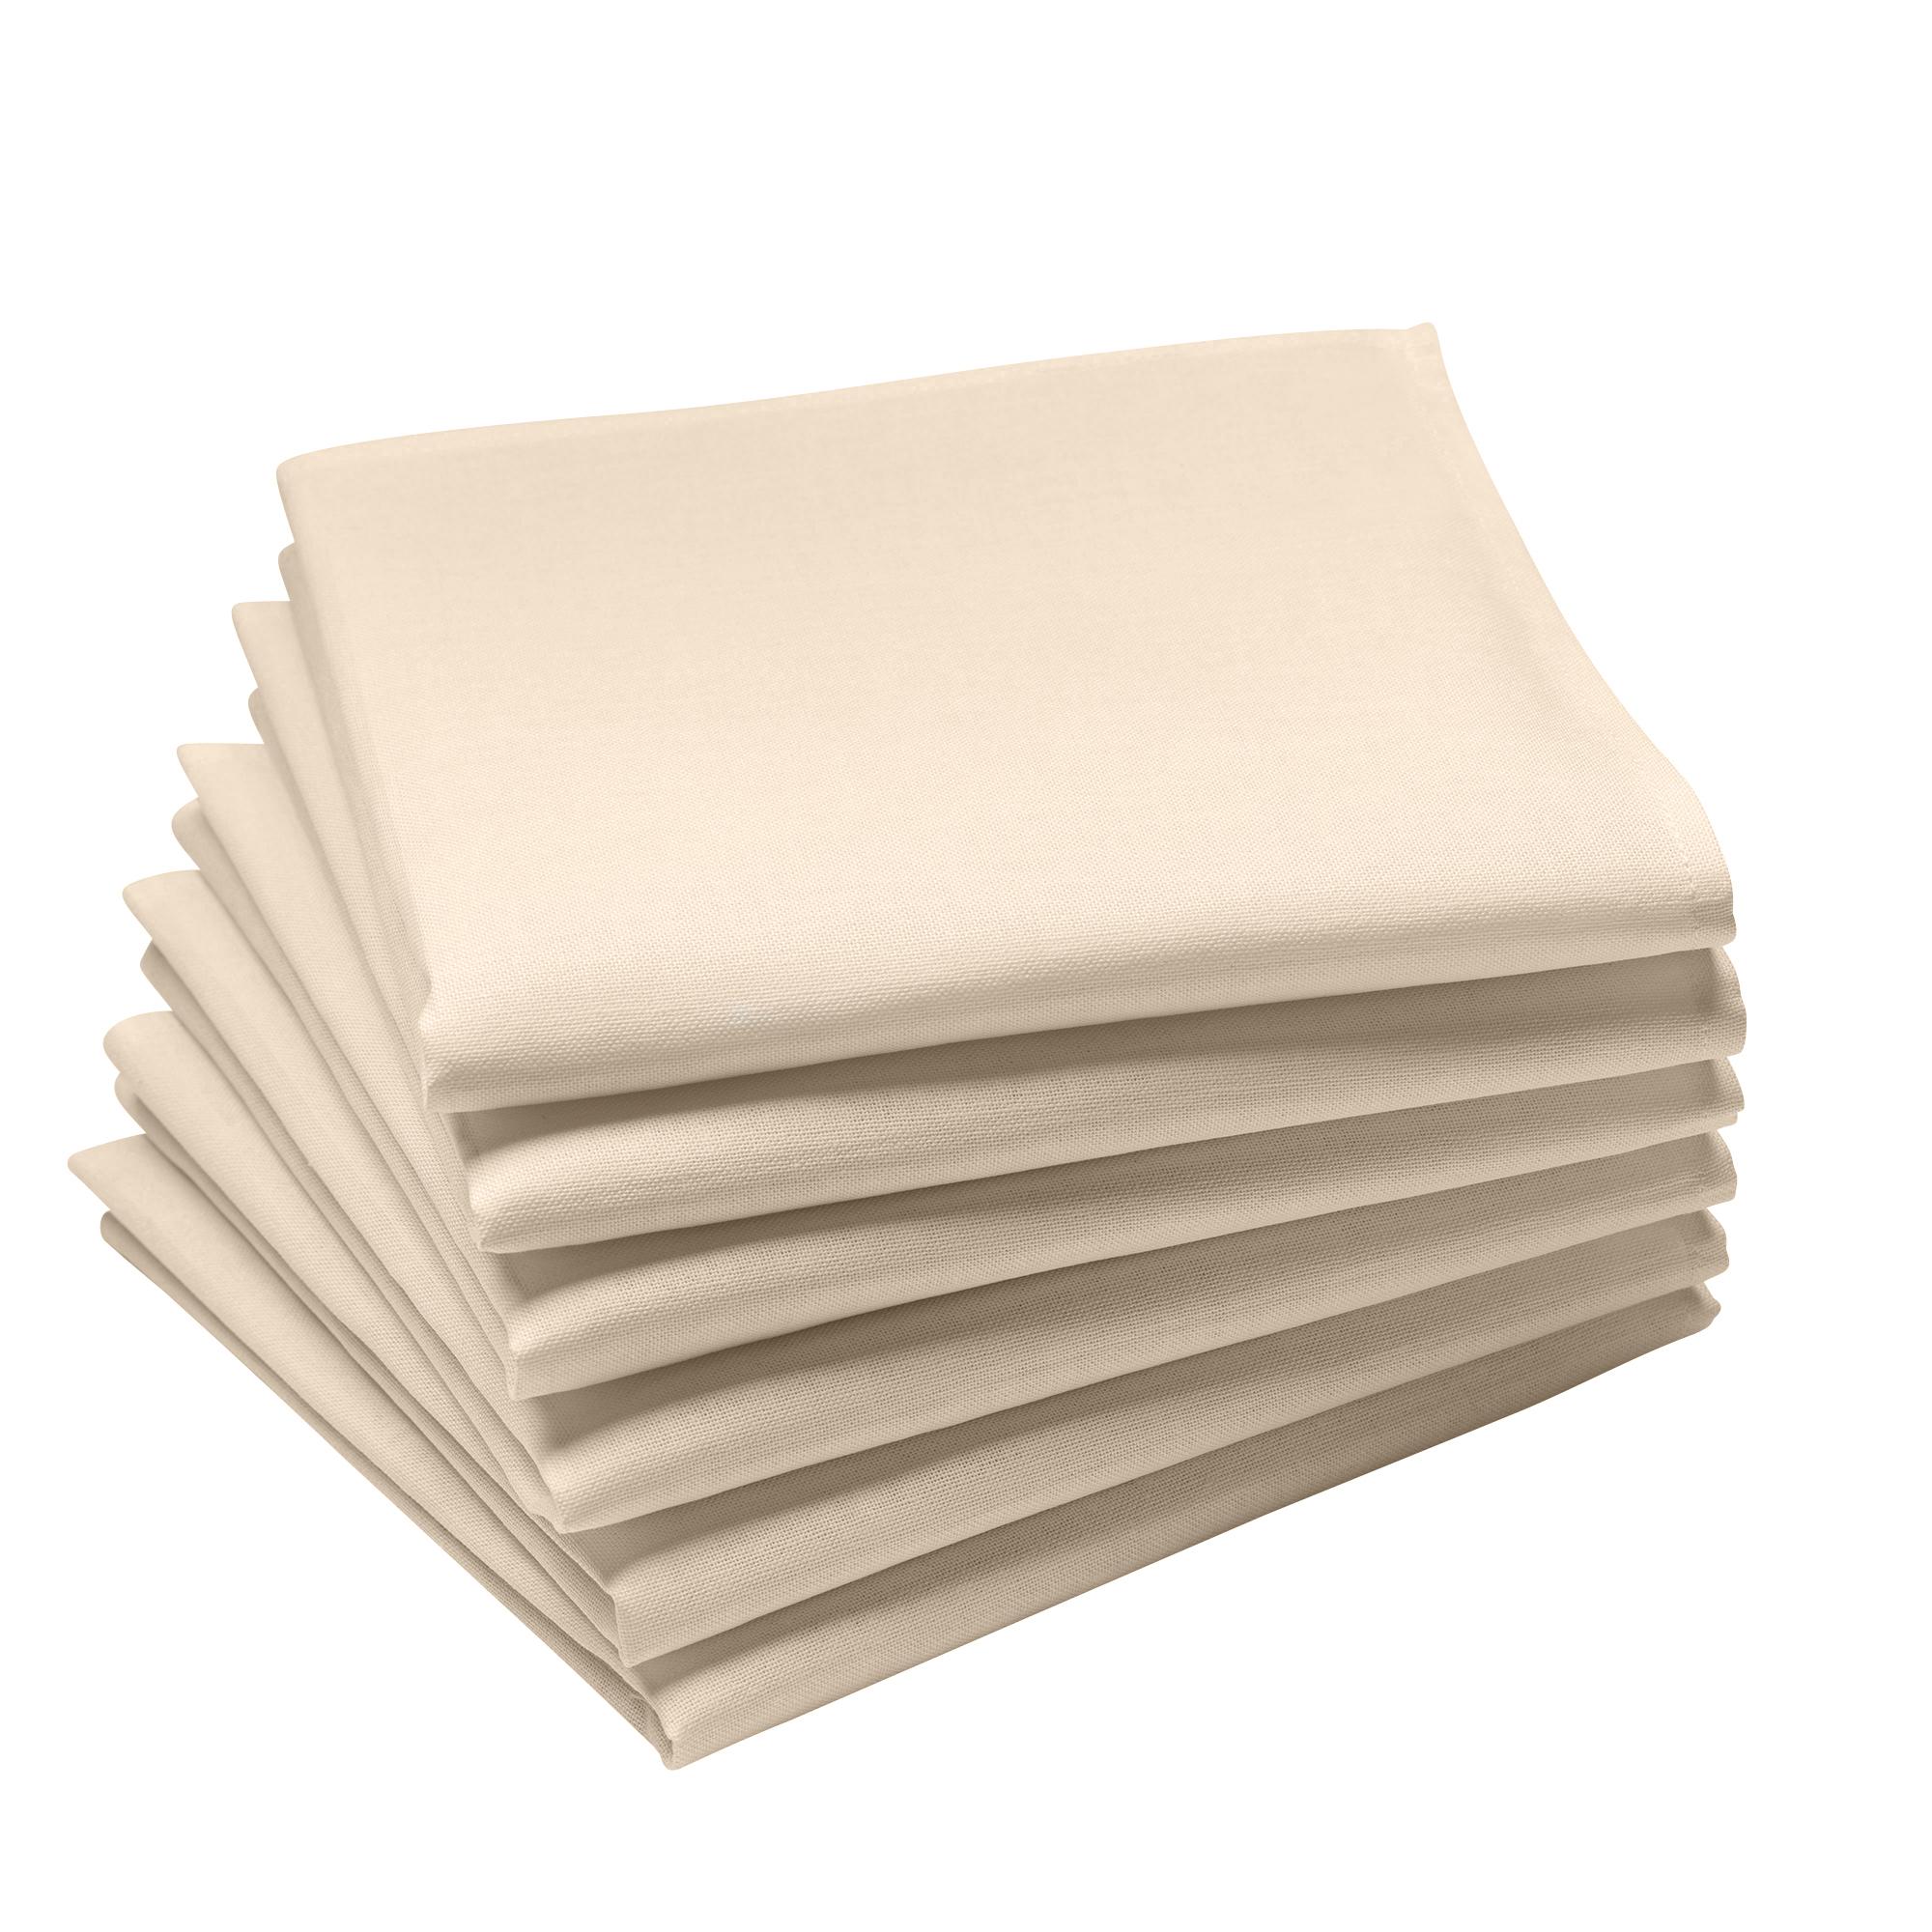 Lot de 6 serviettes en coton traite Teflon, Sable 45 x 45